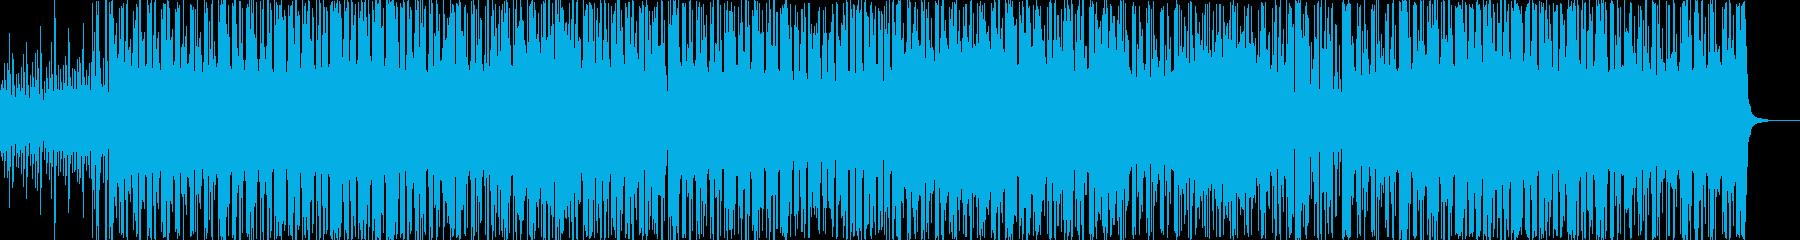 おしゃれでジャジーな雰囲気のインストの再生済みの波形